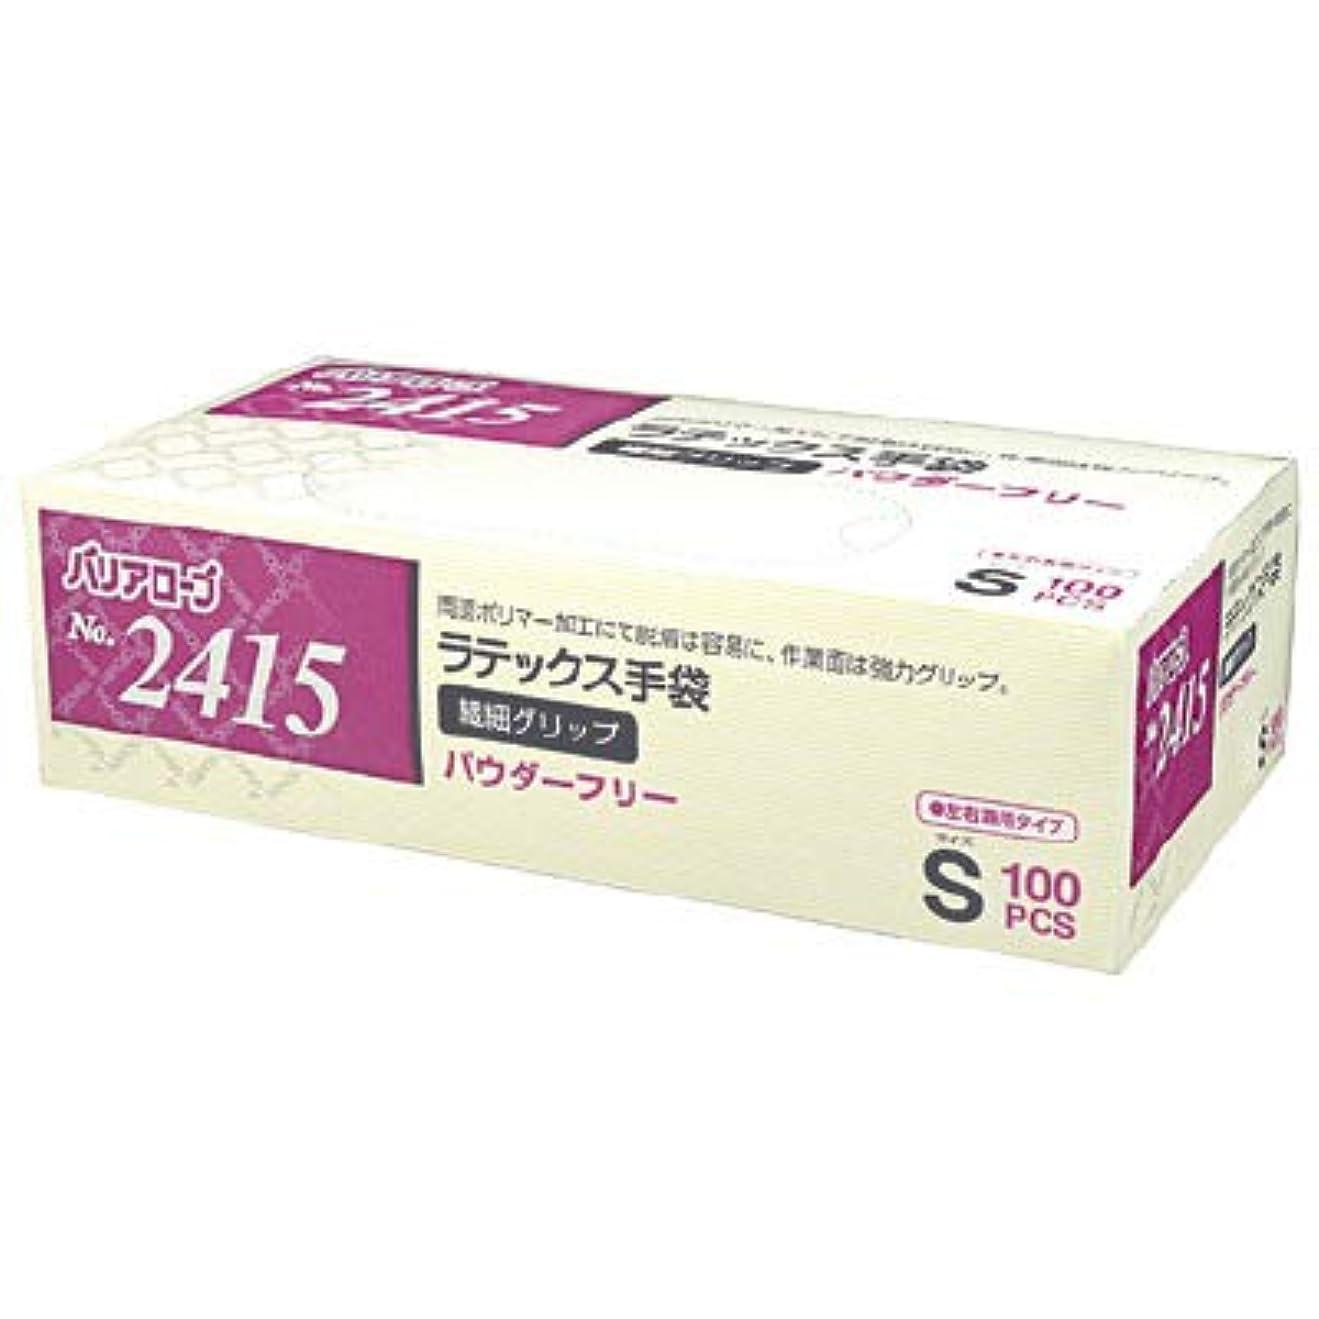 アーチとても課税【ケース販売】 バリアローブ №2415 ラテックス手袋 繊細グリップ (パウダーフリー) S 2000枚(100枚×20箱)